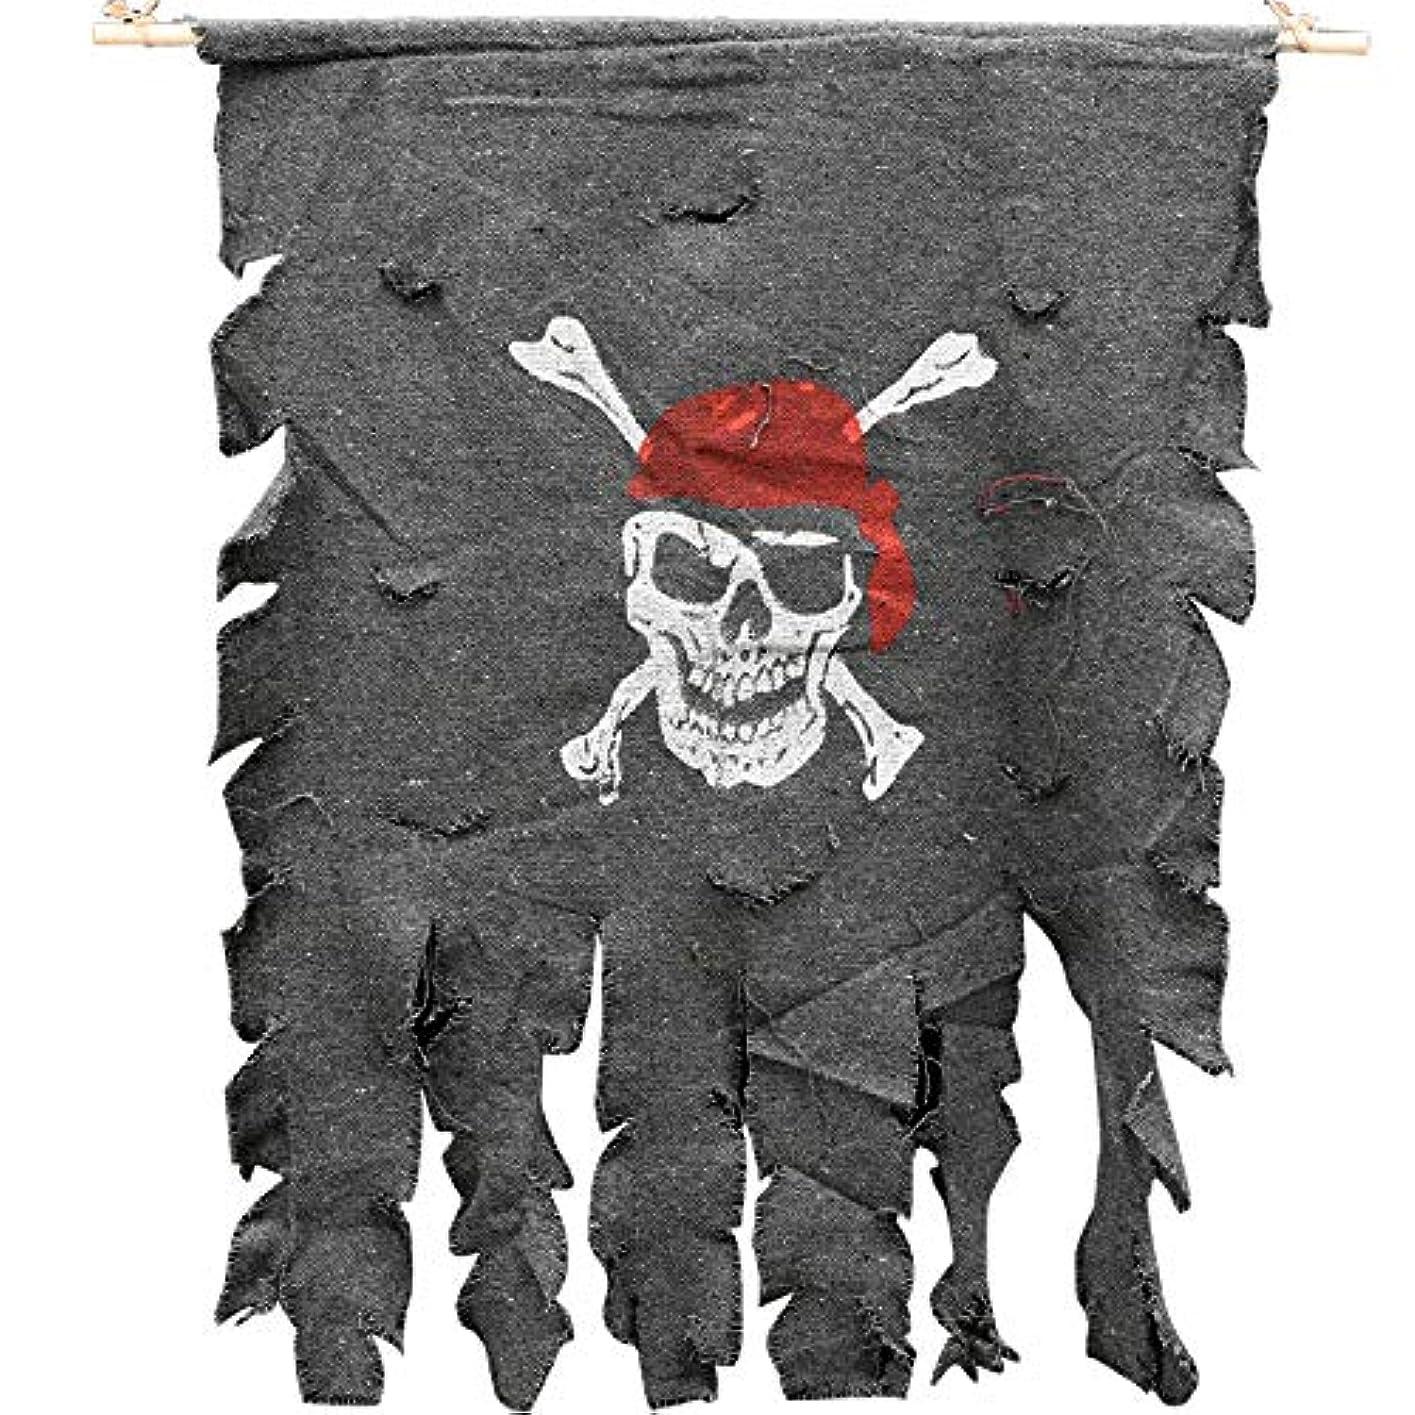 曇った名誉摂氏ETRRUU HOME ハロウィンジョリーロジャー大パーティーデコレーションKTV旗バナーぶら下げ旗アレンジメントの小道具